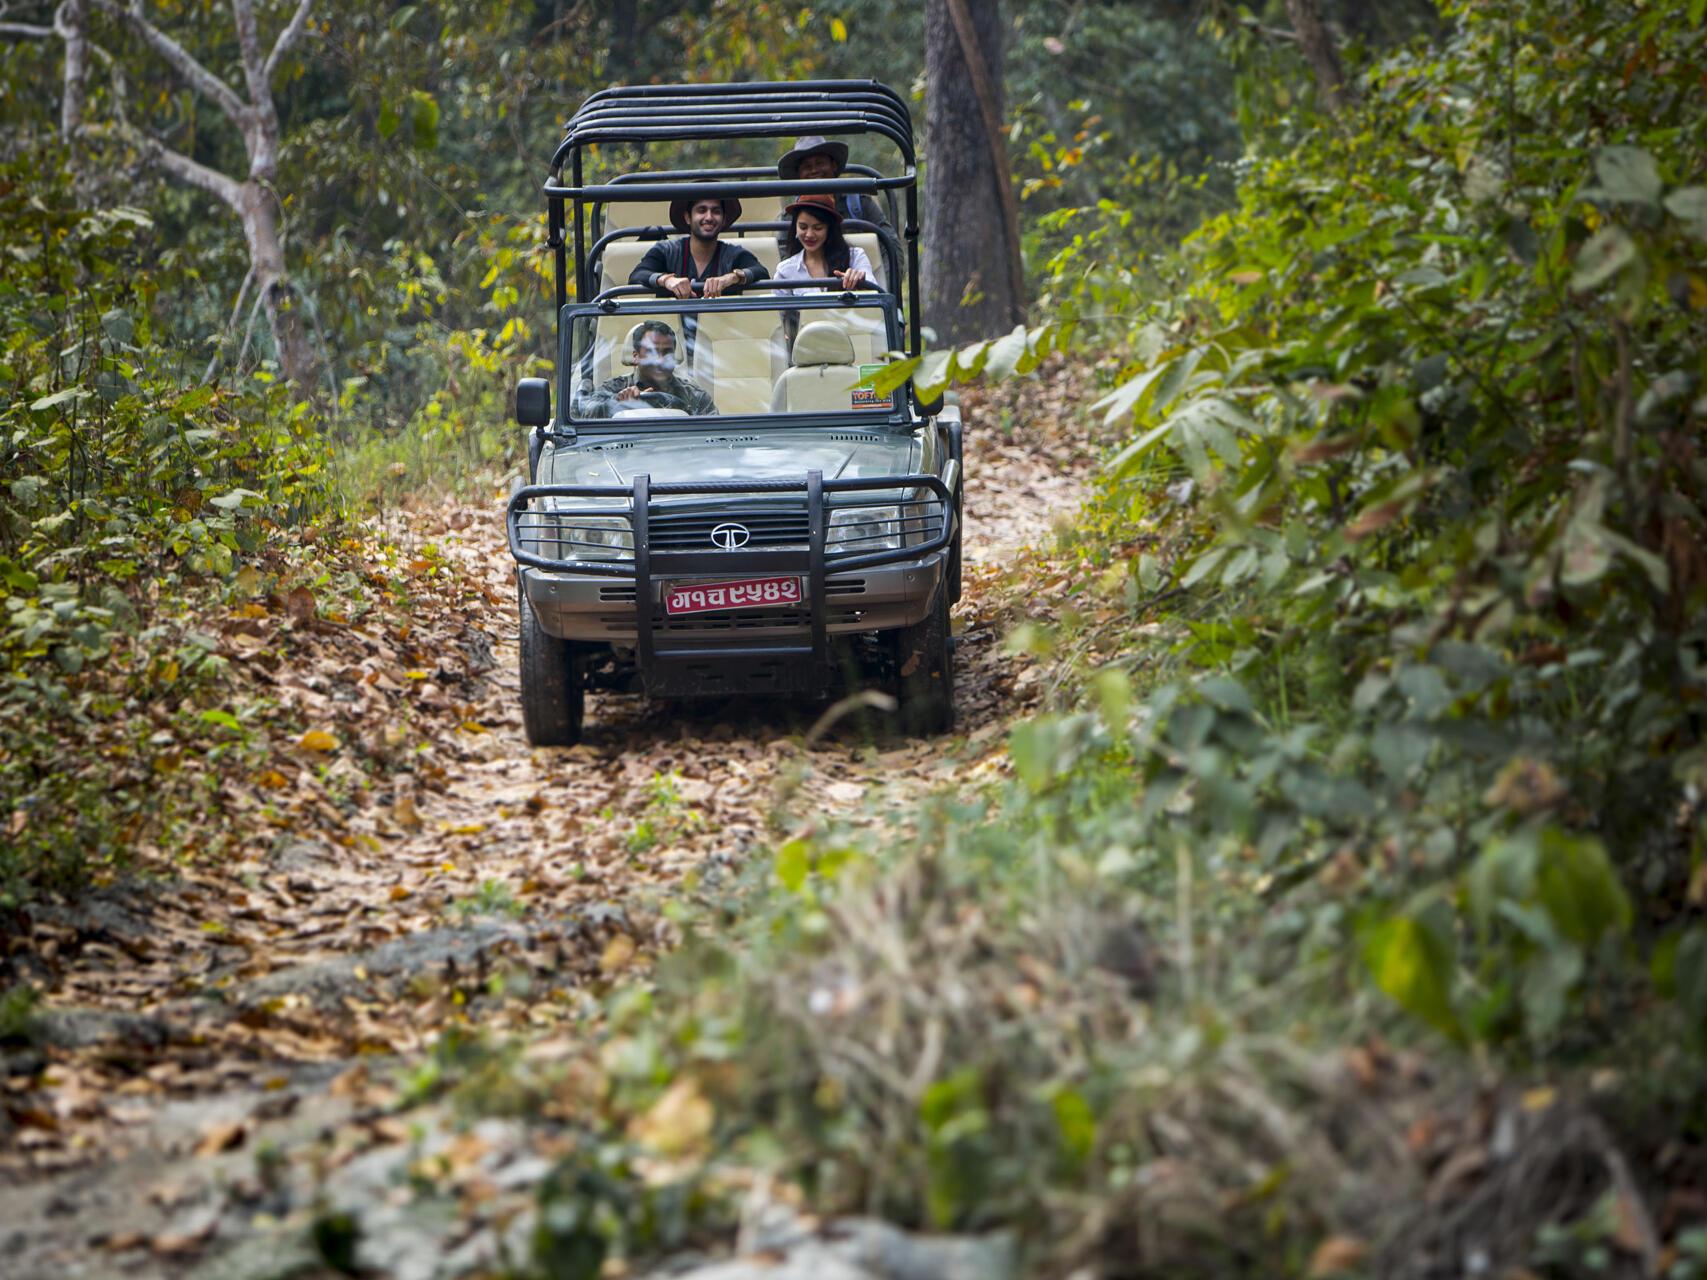 Safari gip going at forest  near Meghauli Serai